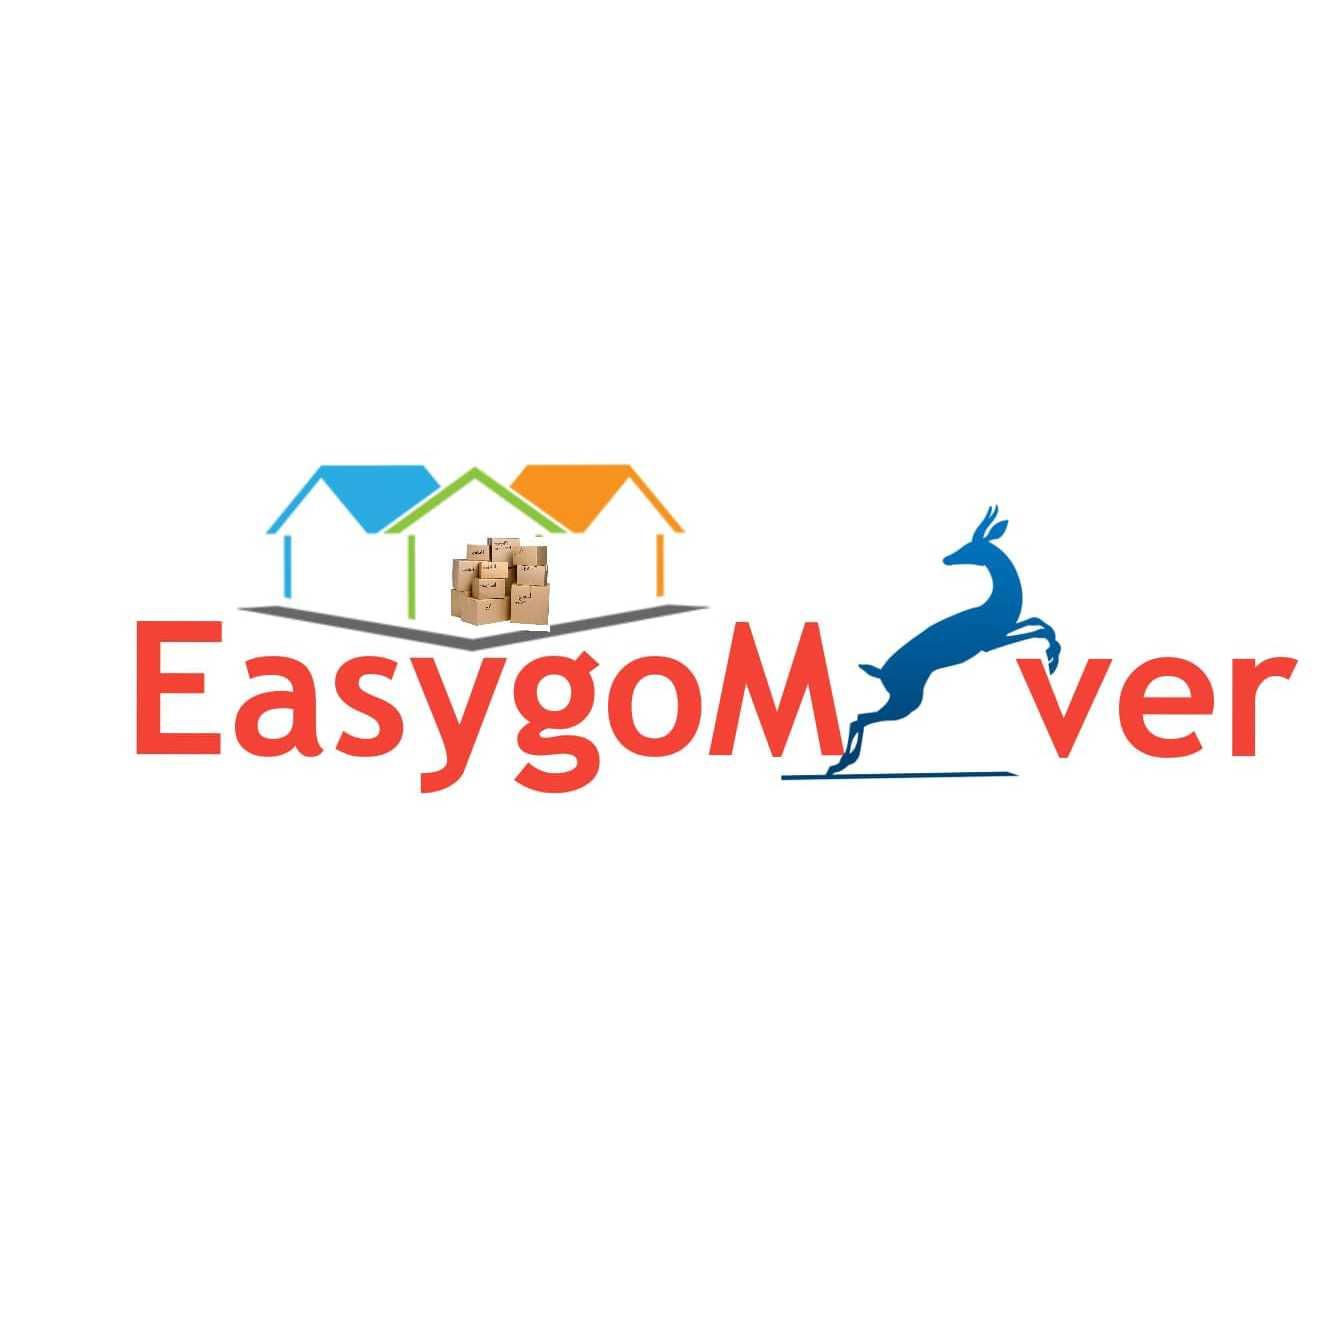 EasygoMover image 1